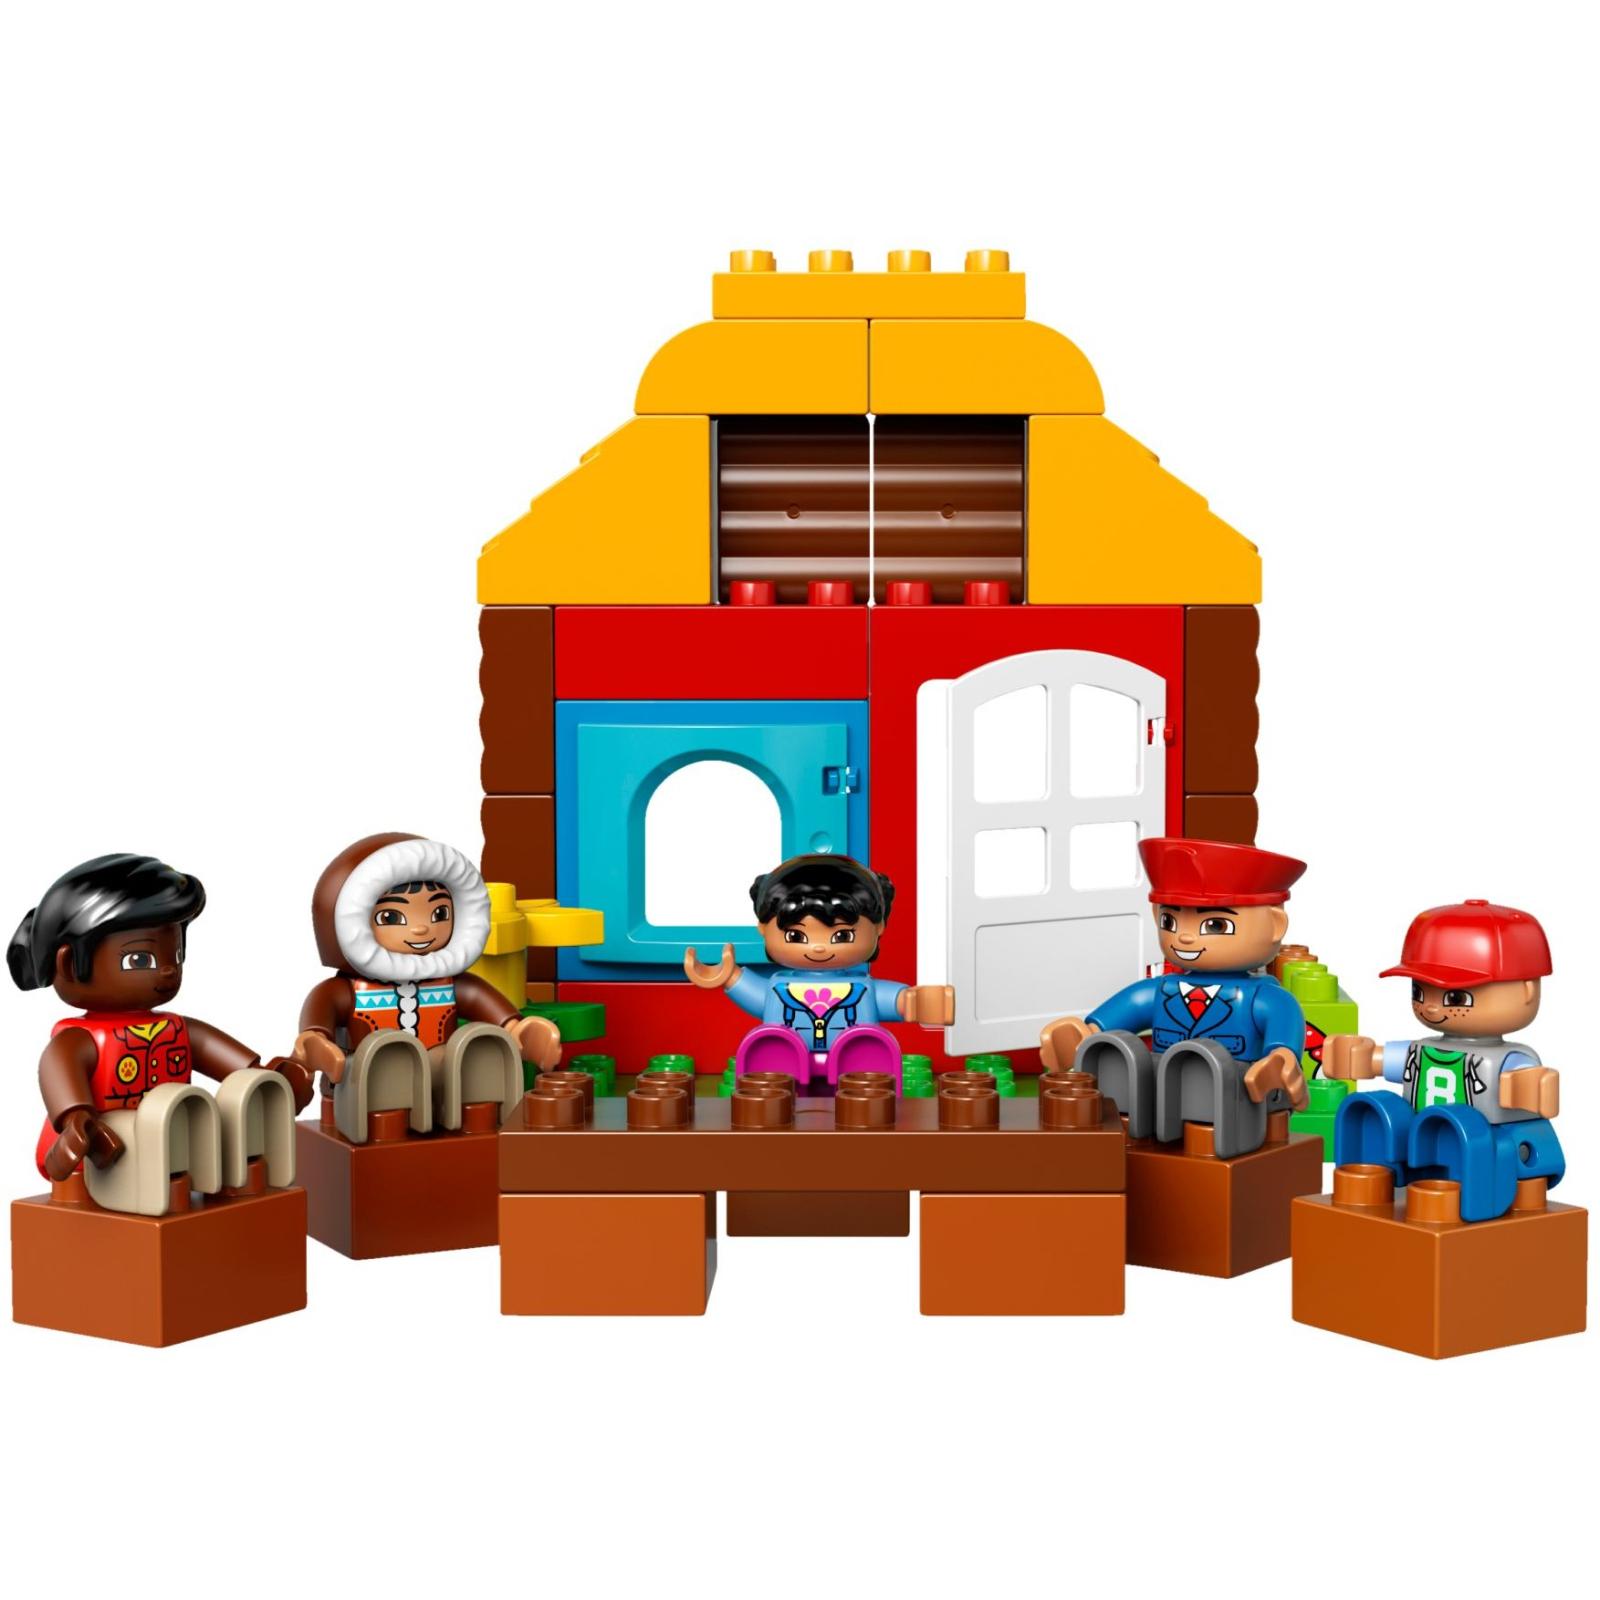 Конструктор LEGO Duplo Town Вокруг света (10805) изображение 3